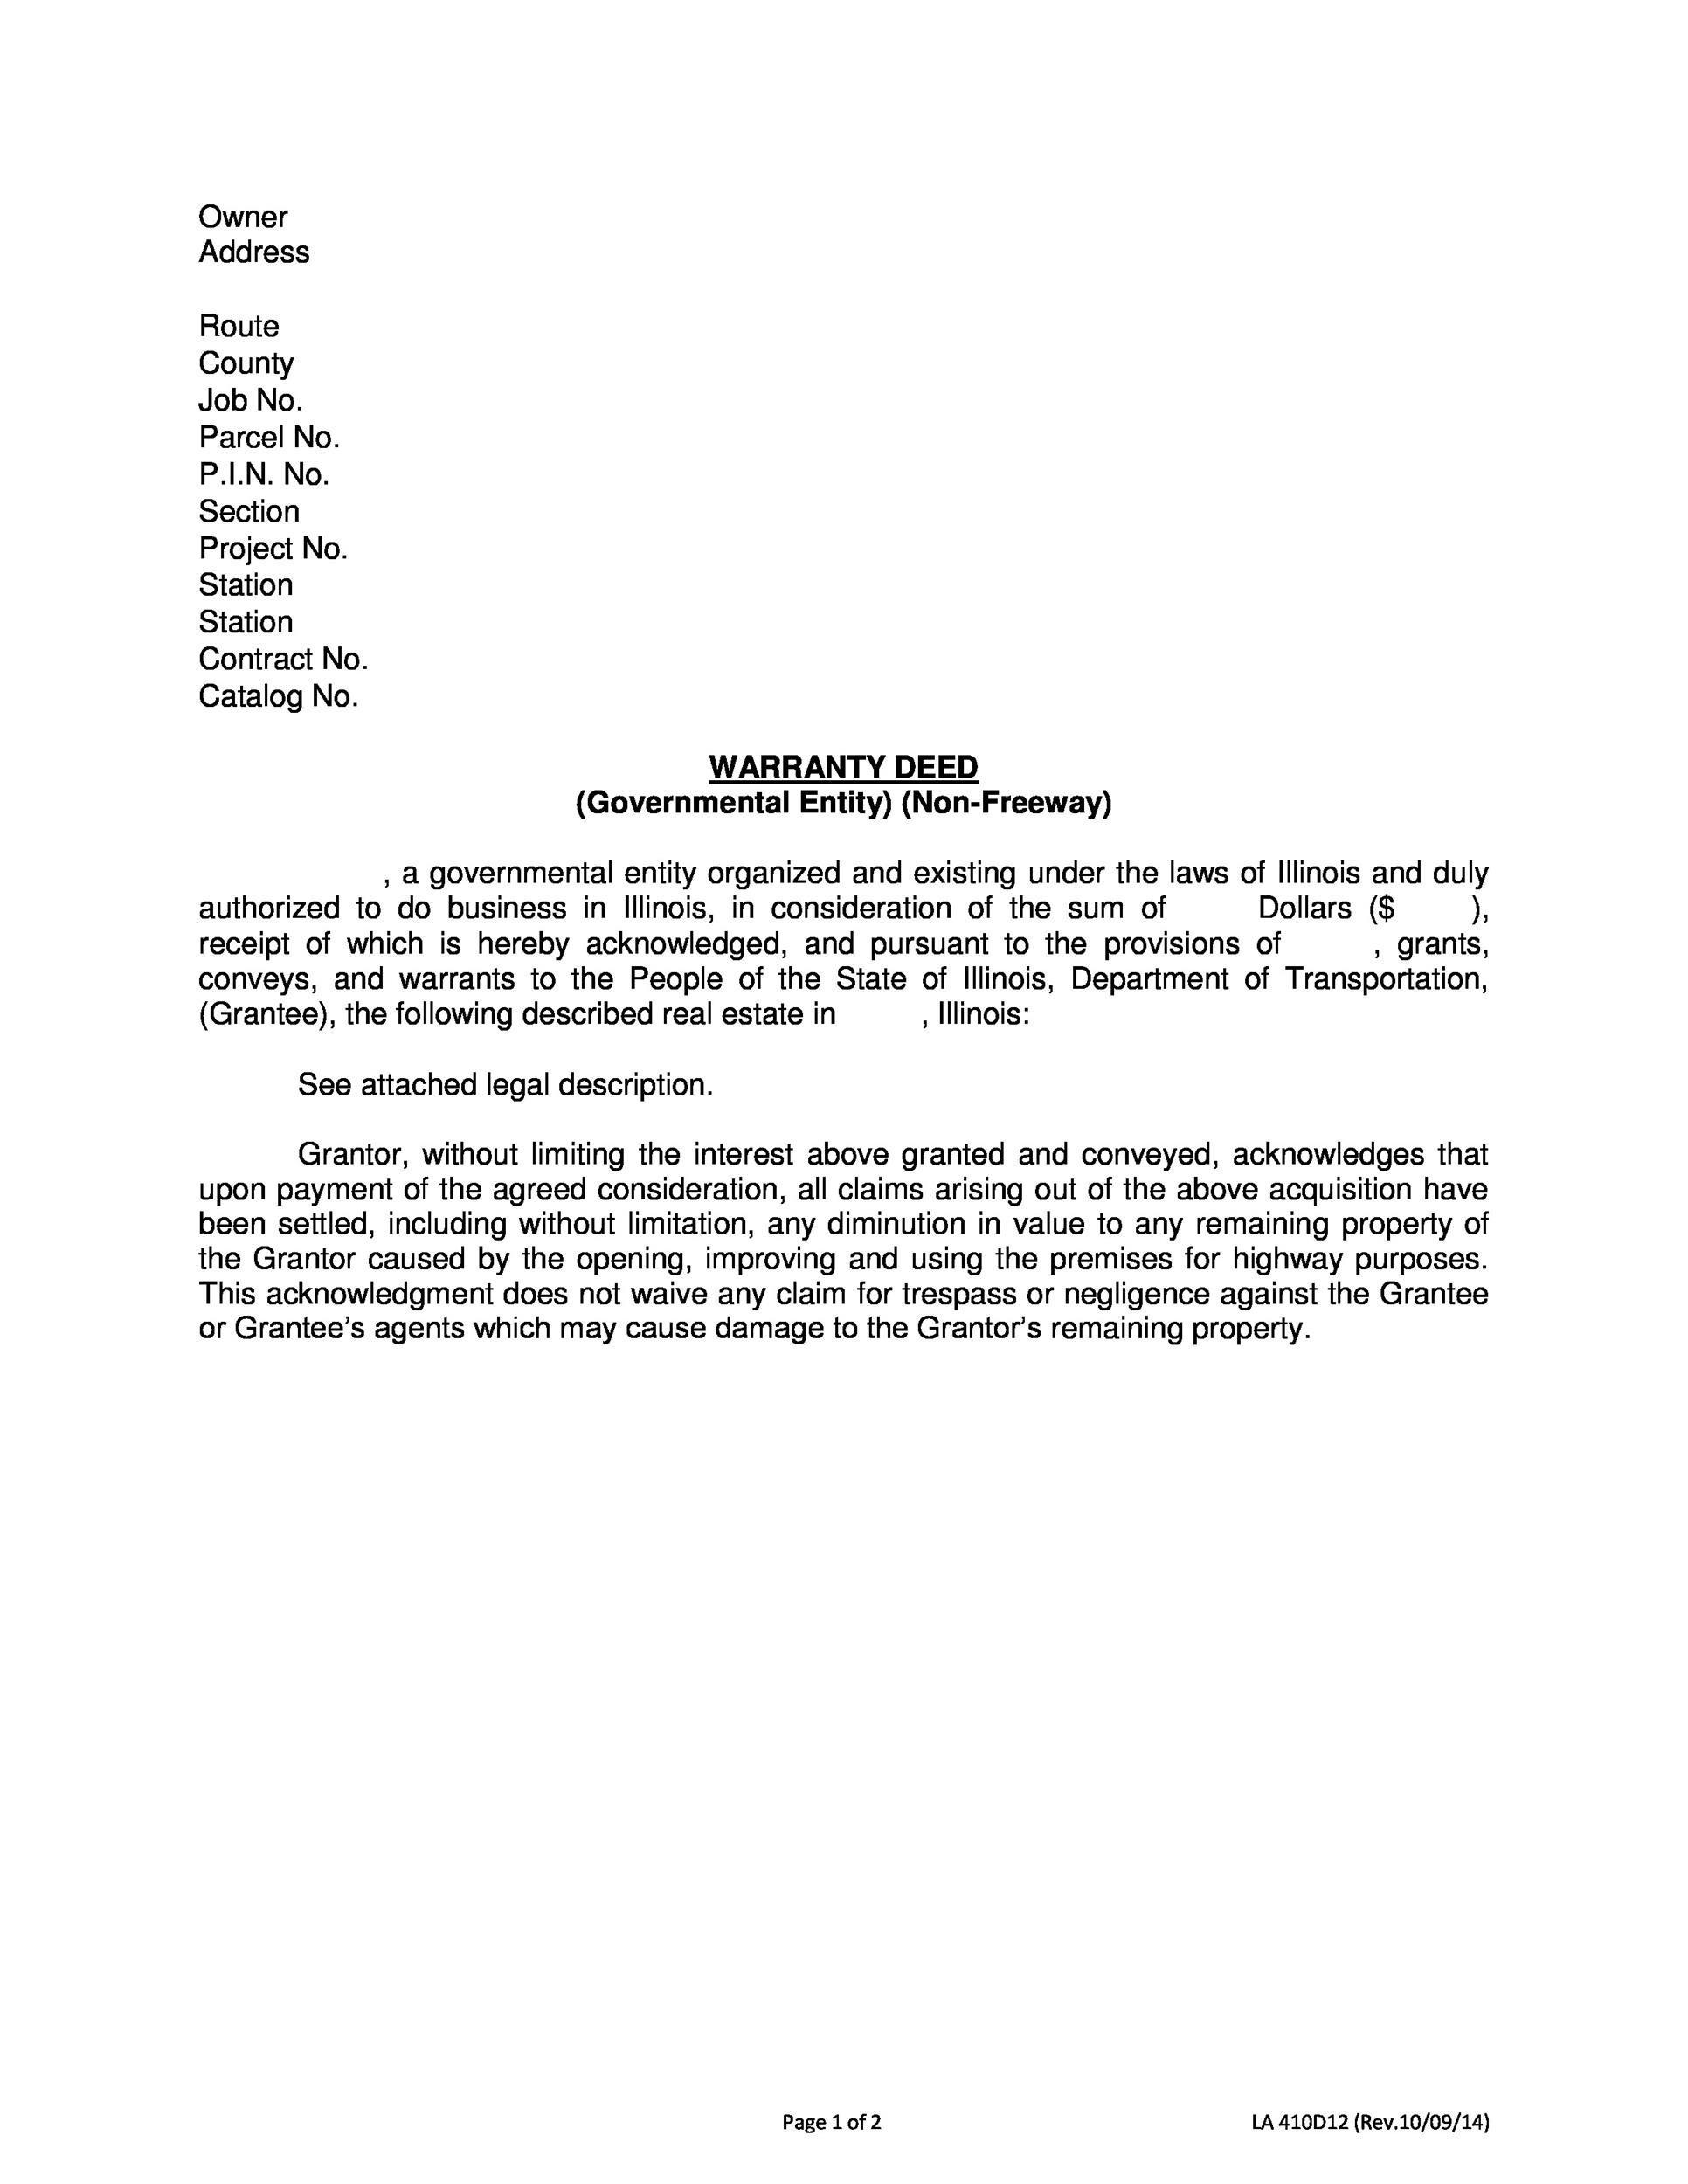 Free Warranty deed template 17